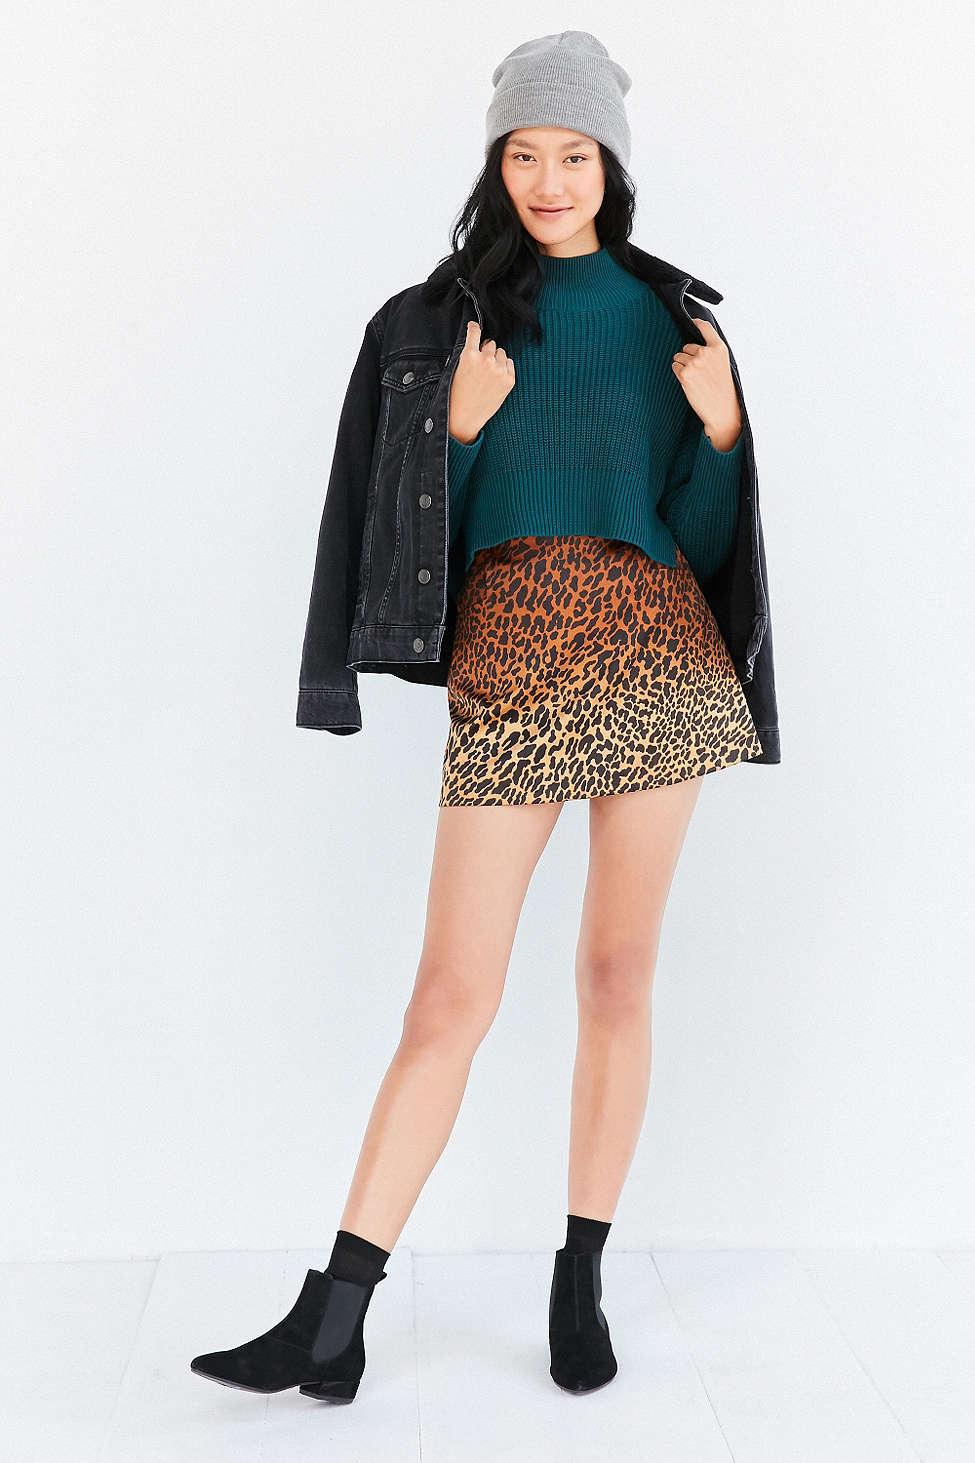 o-tan-mini-skirt-blue-med-sweater-teal-black-jacket-jean-wear-style-fashion-fall-winter-leopard-print-beanie-socks-black-shoe-booties-brun-weekend.jpg